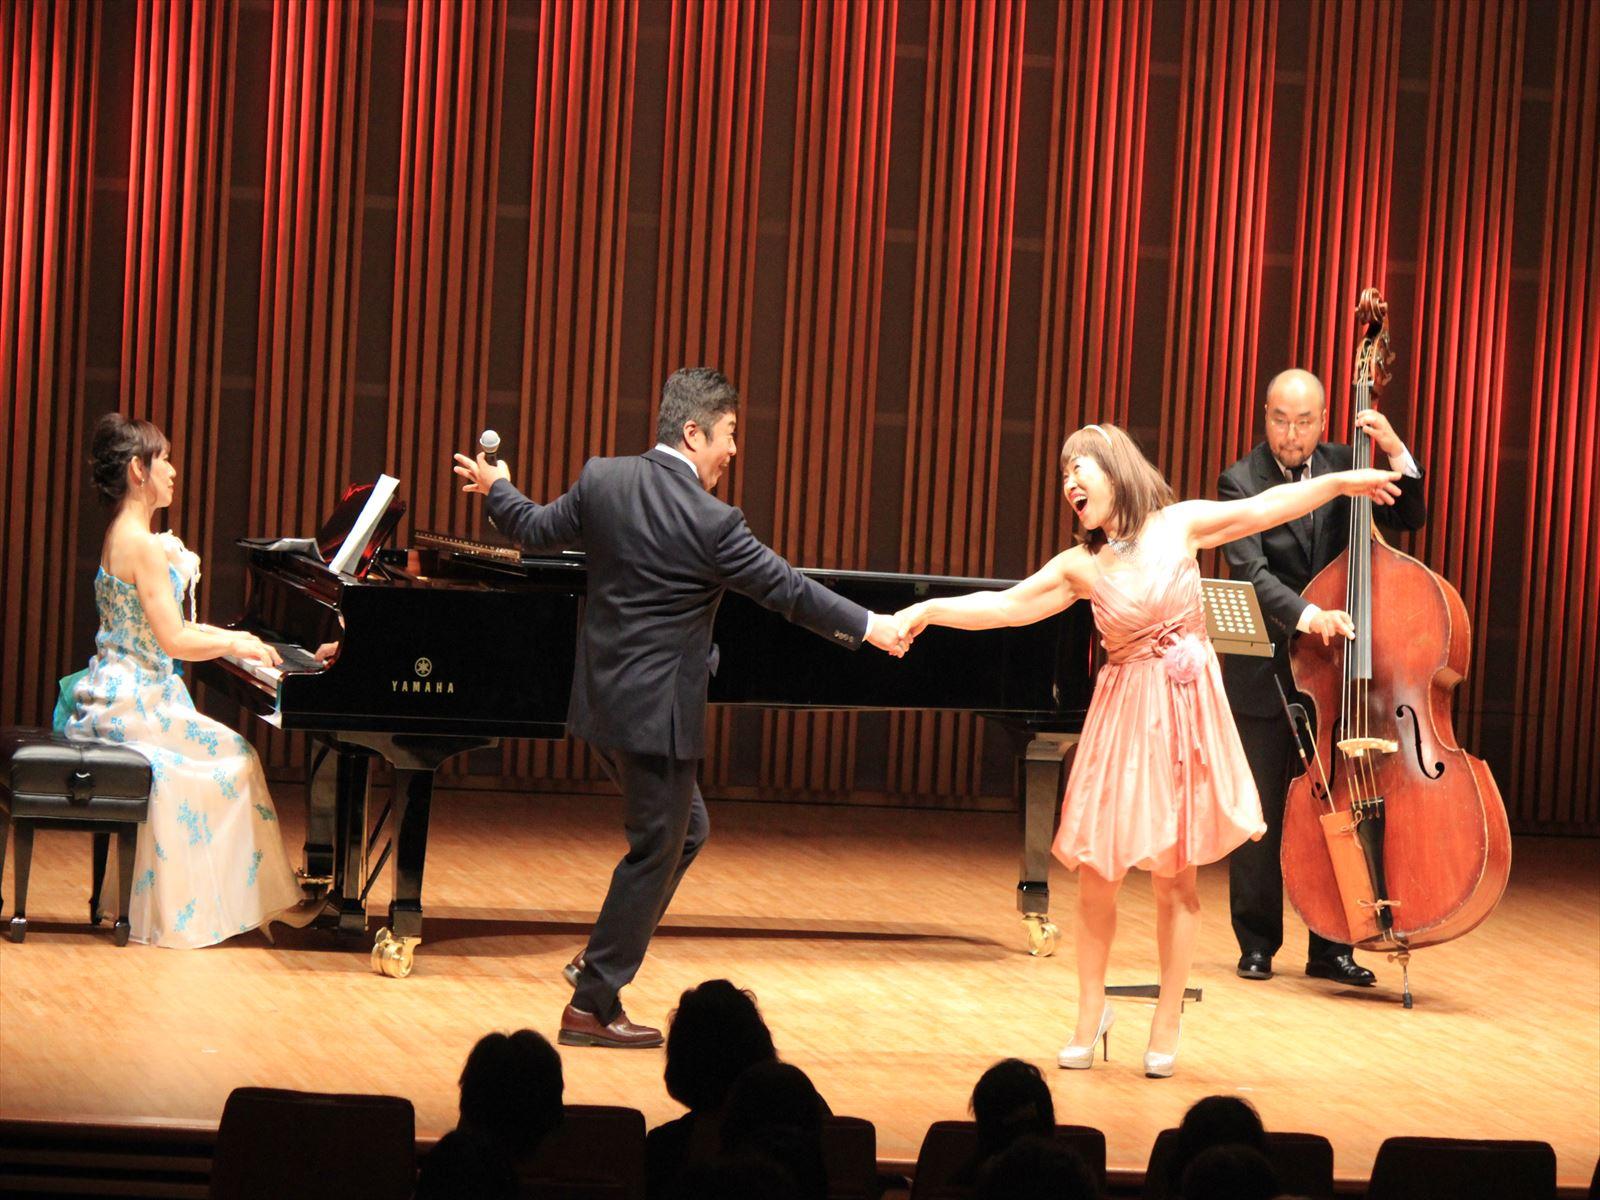 玉川健一郎さんのジャズボーカルに合わせてダンスを踊る藤容子さん